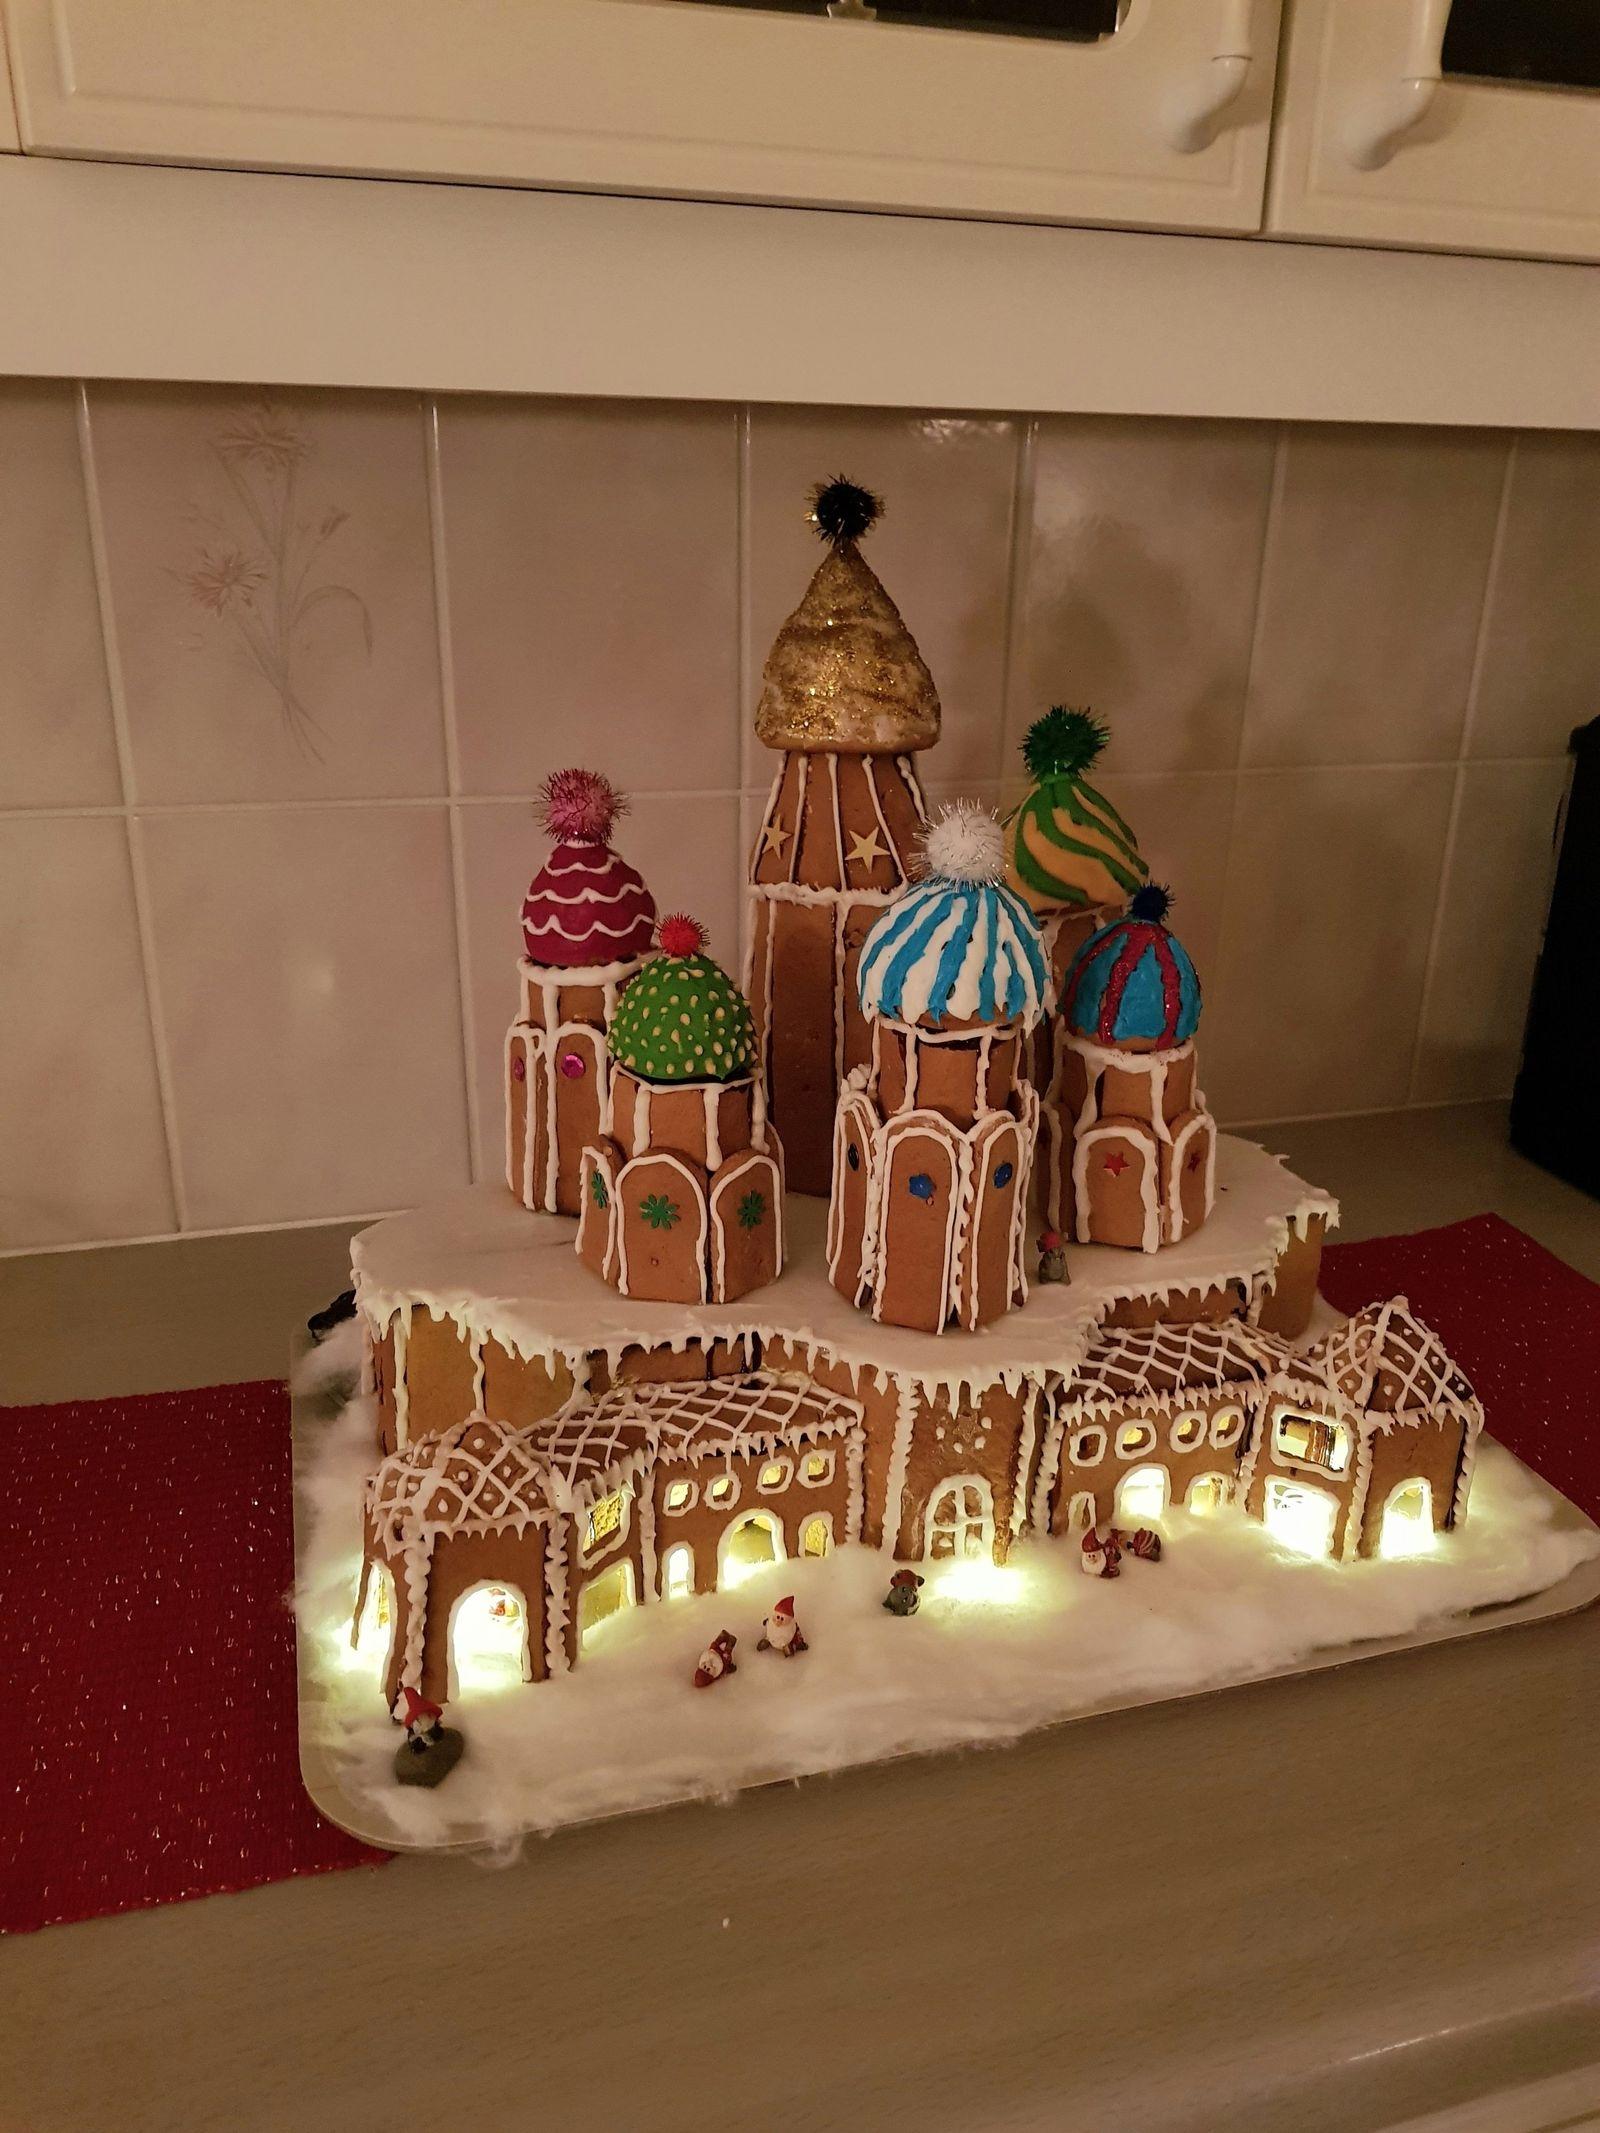 Julia Hammare och hennes pappa Lars Hammare har som tradition att varje år göra en ny pepparkakskonstruktion. De har byggt alltifrån flygplan till Tower bridge i London. Årets hus är ej färdigt ännu så därför blir det en bild från 2018 då far och dotter byggde Vasilijkatedralen i Moskva.